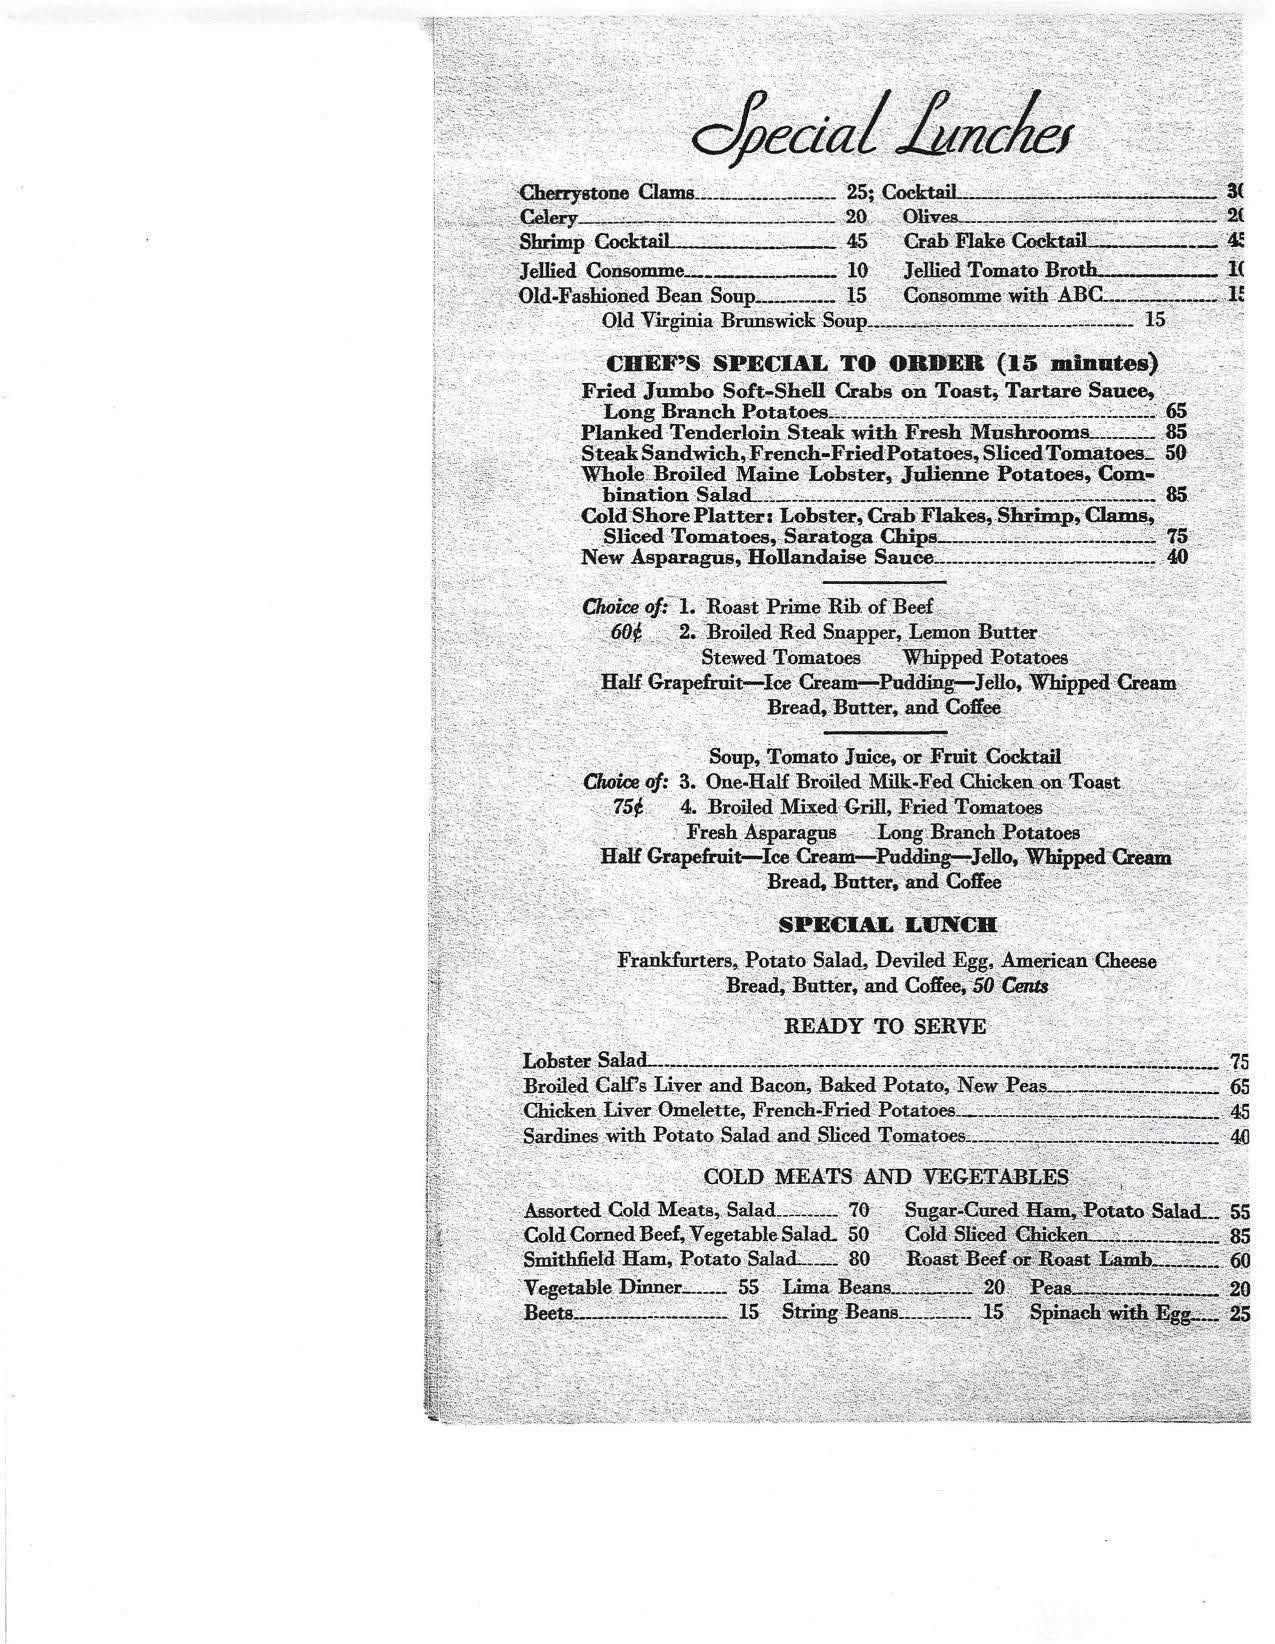 US Senate Menu 1940, p2